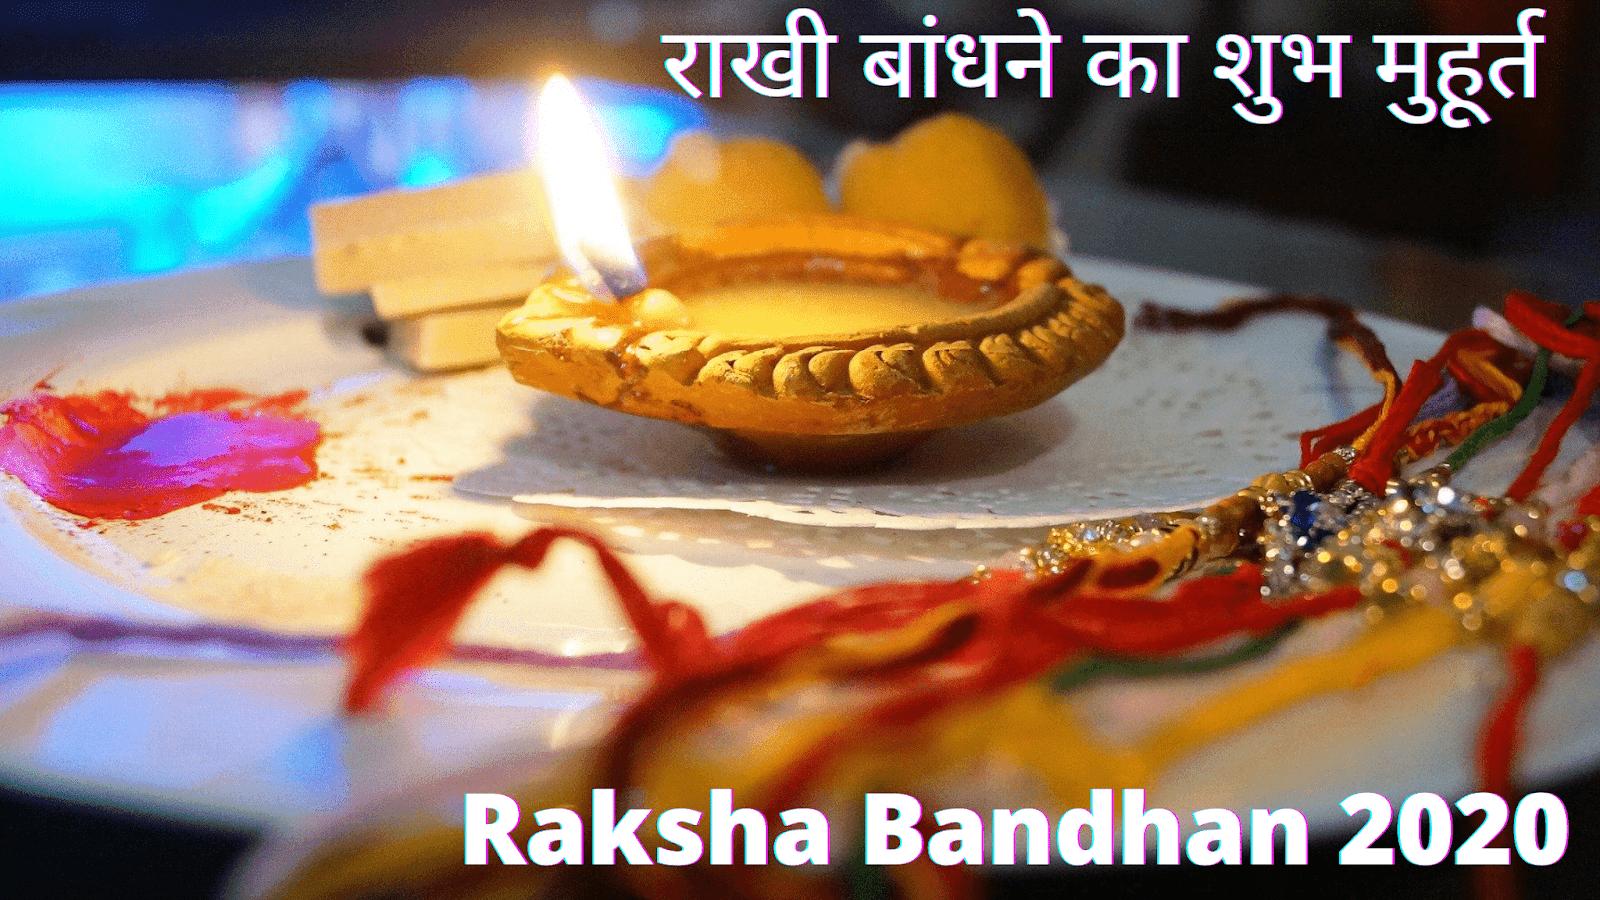 Raksha Bandhan 2020 : जानें राखी बांधने का शुभ मुहूर्त और सही तरीका